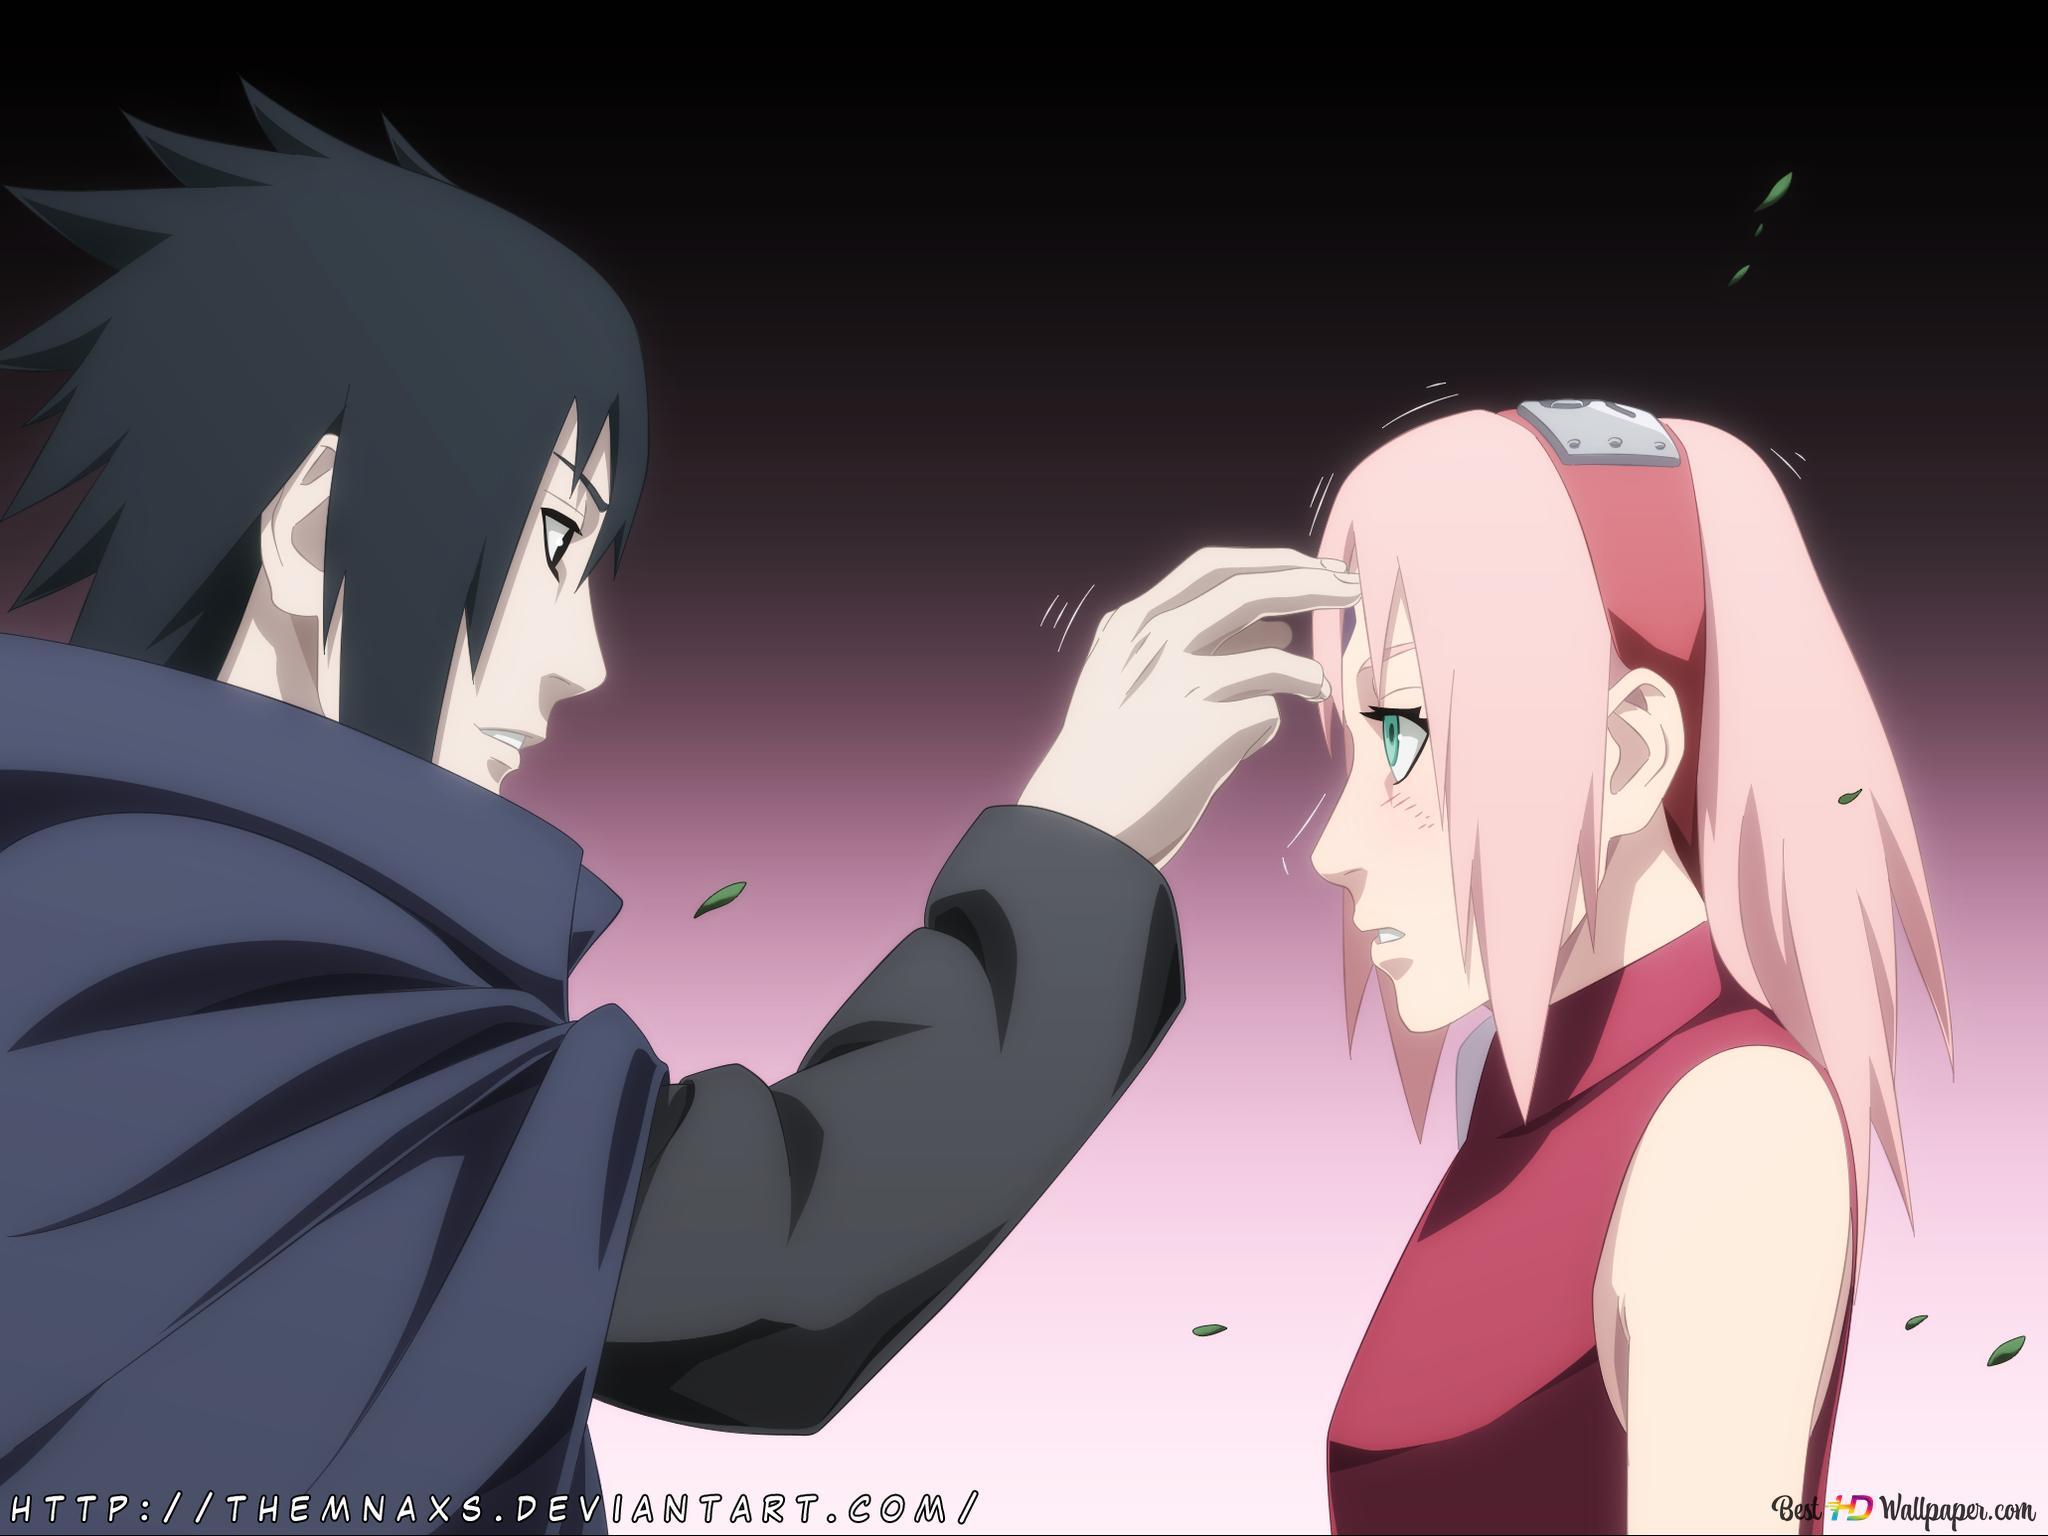 Naruto Shippuden Sakura Haruno Sasuke Uchiha Hd Wallpaper Download